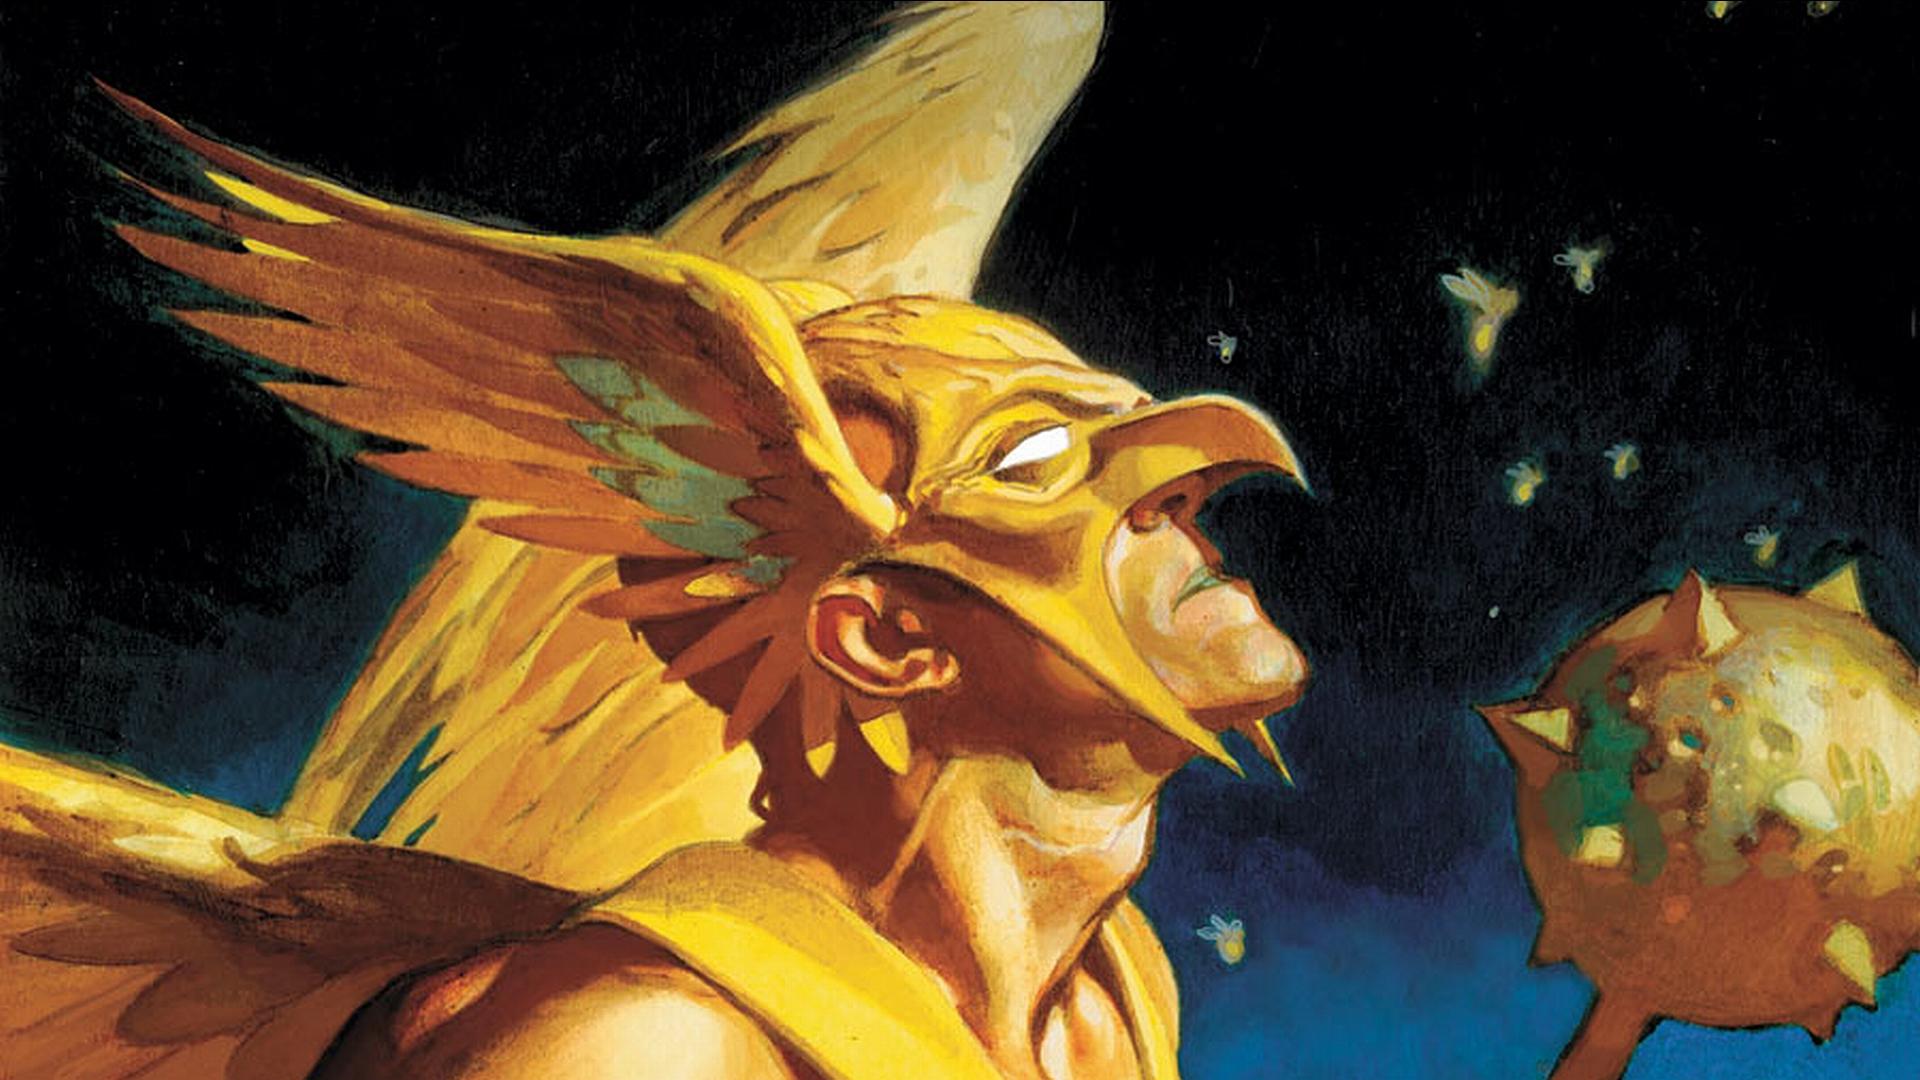 Comics   Hawkman Wallpaper 1920x1080